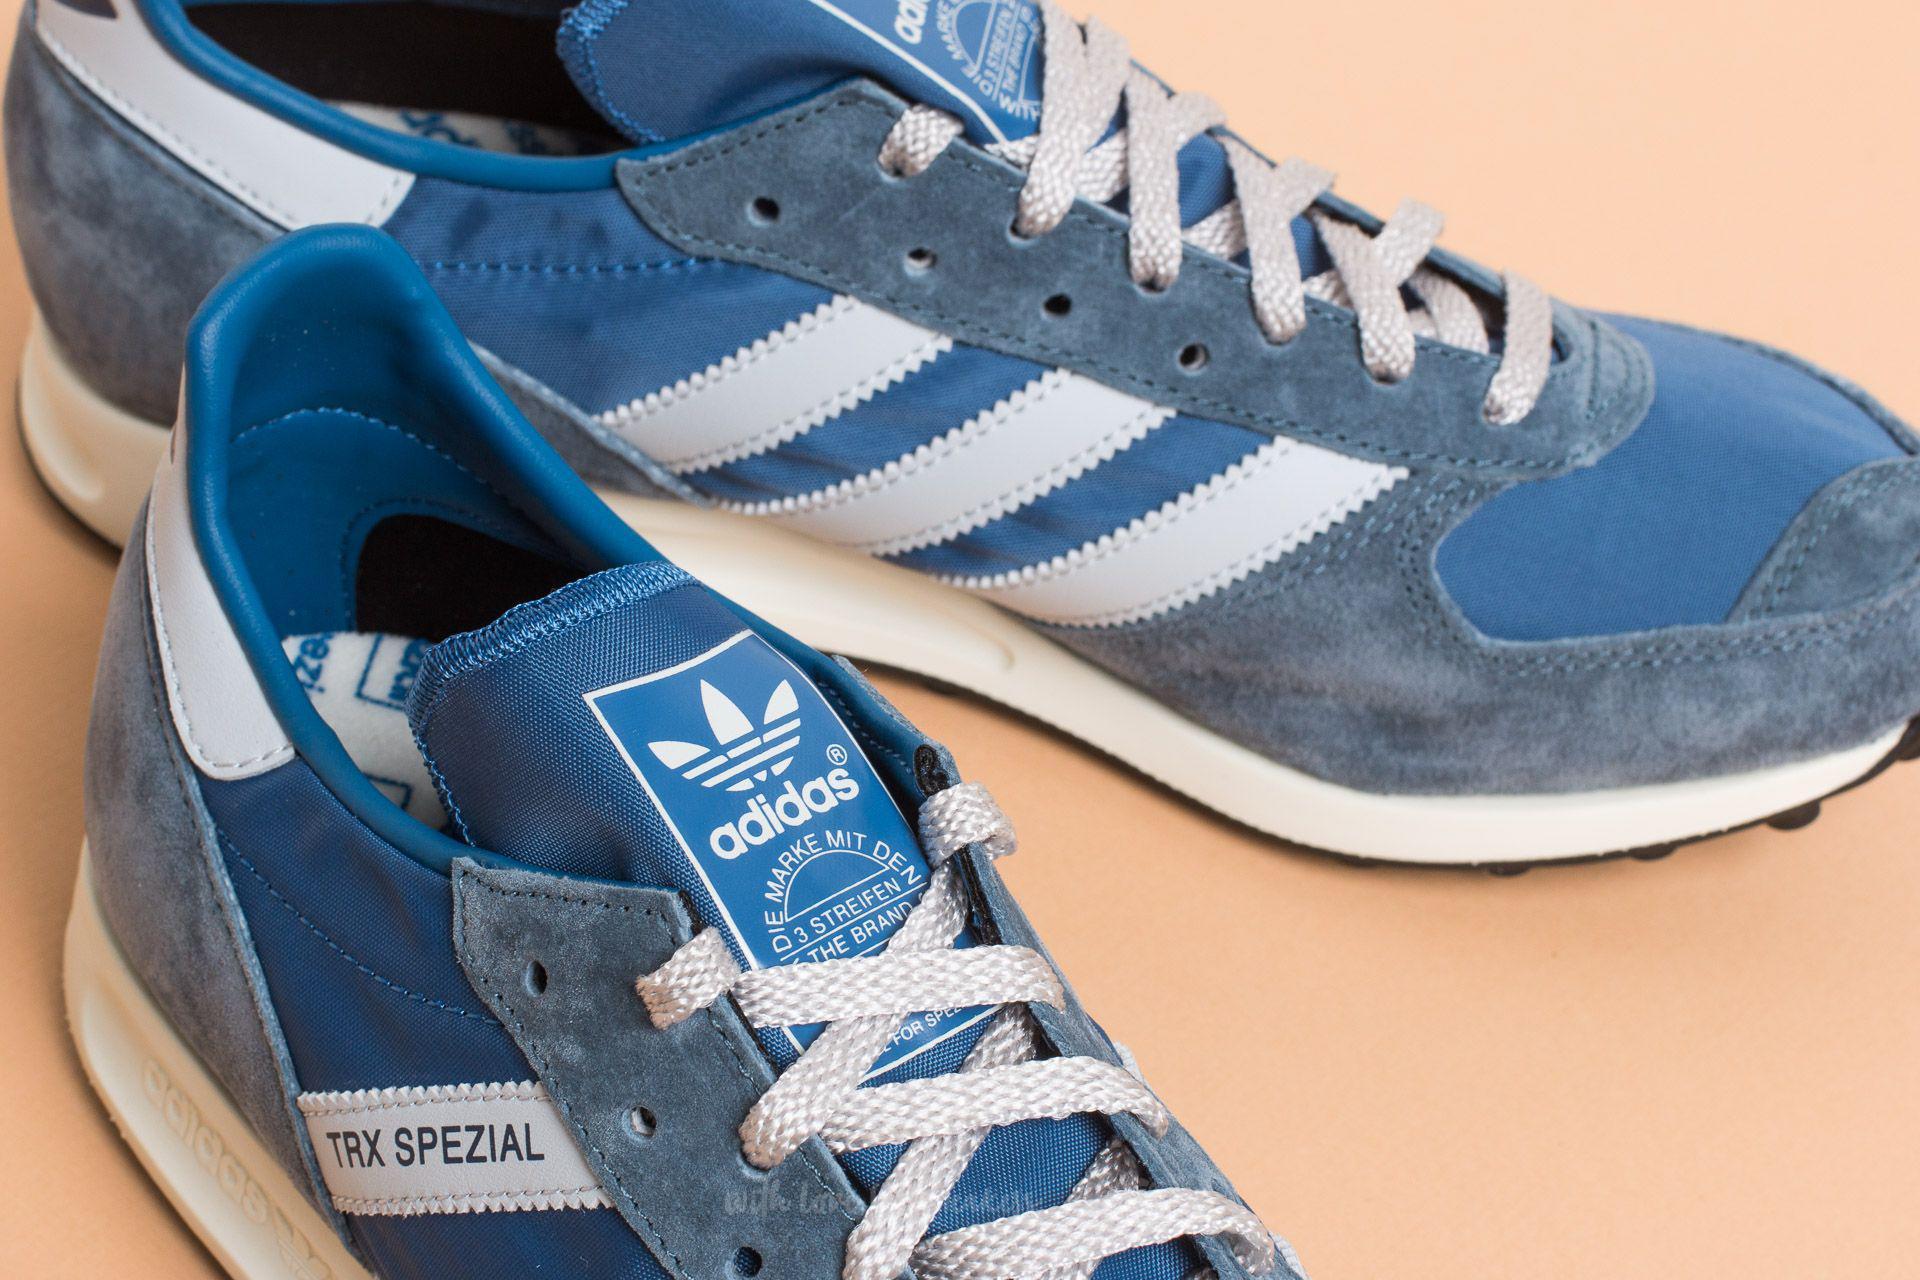 lyst adidas originali adidas trx spzl fornitore di colore grigio / chiara